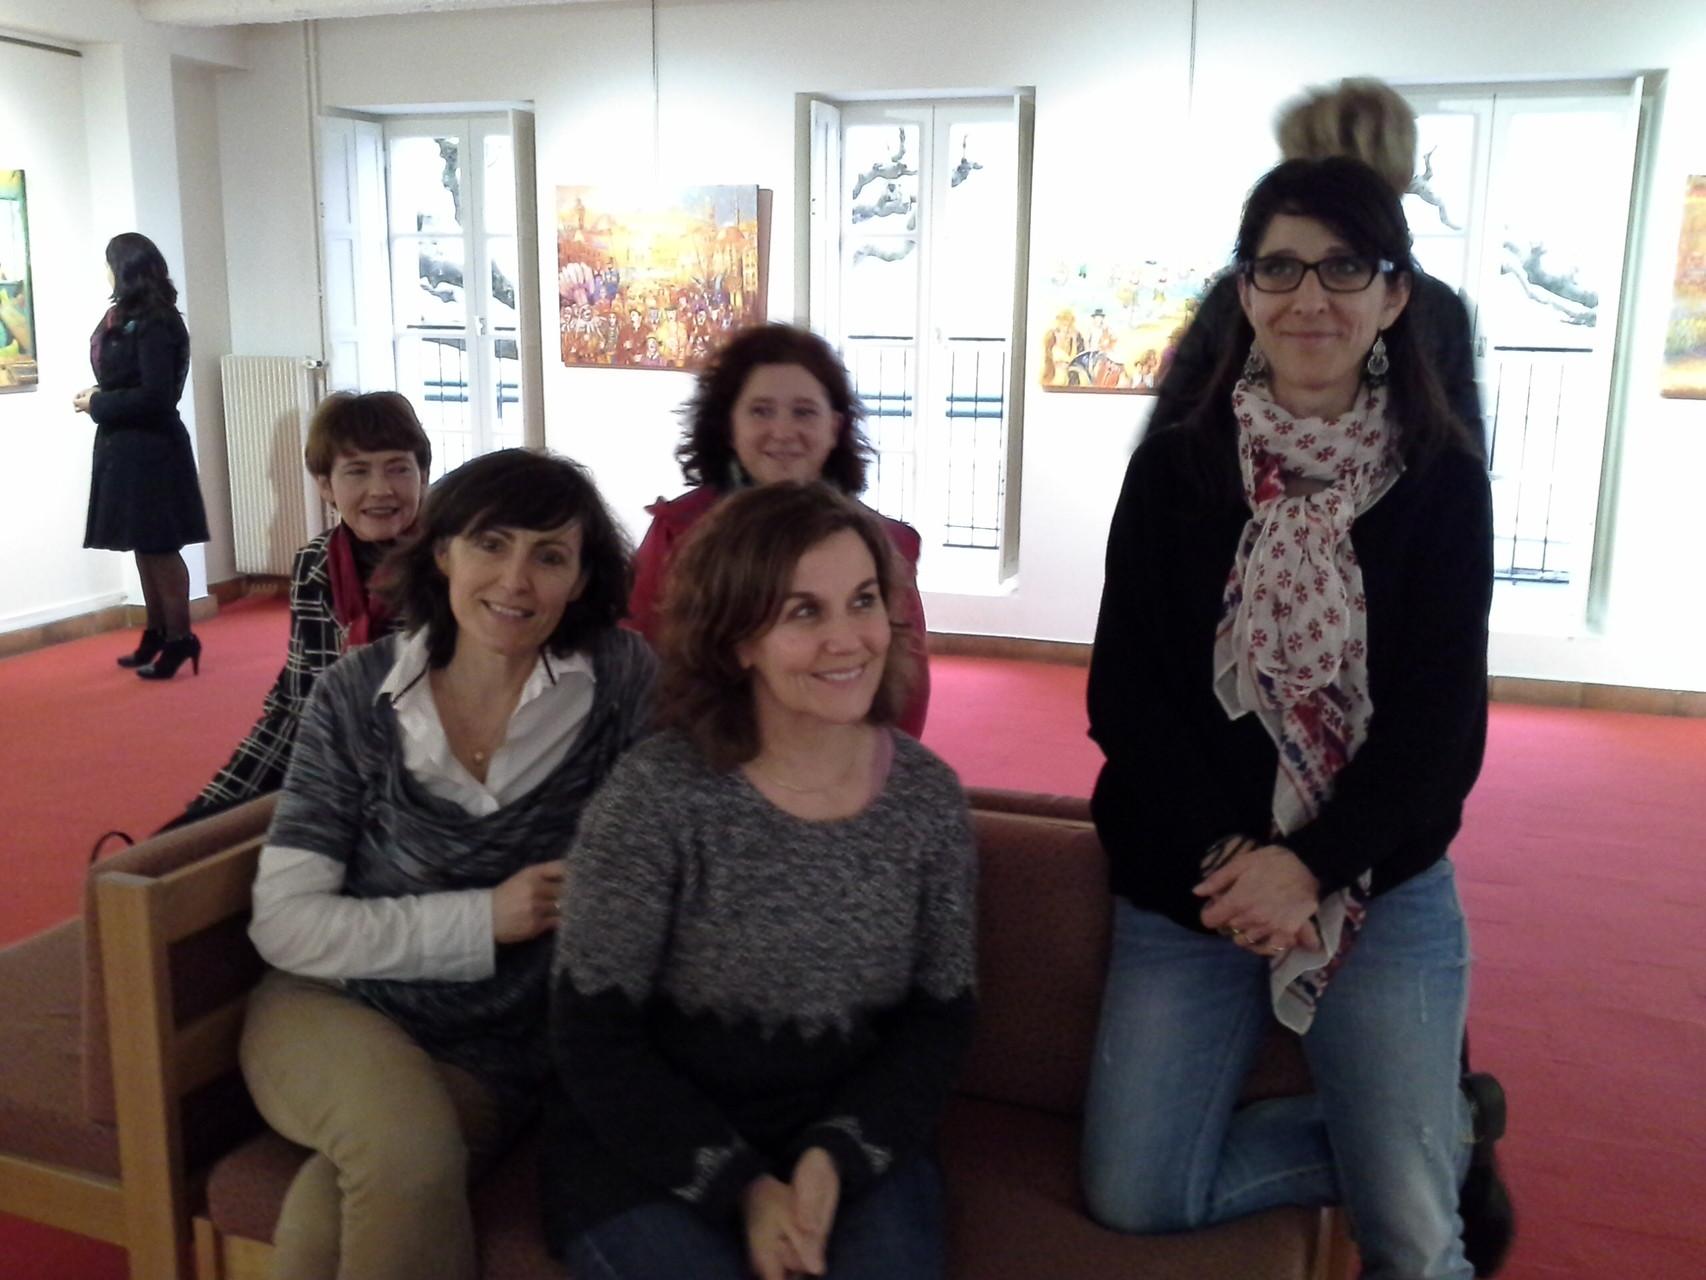 L'équipe du musée et de la mairie de Marmande. Sagacité, efficacité... merci !